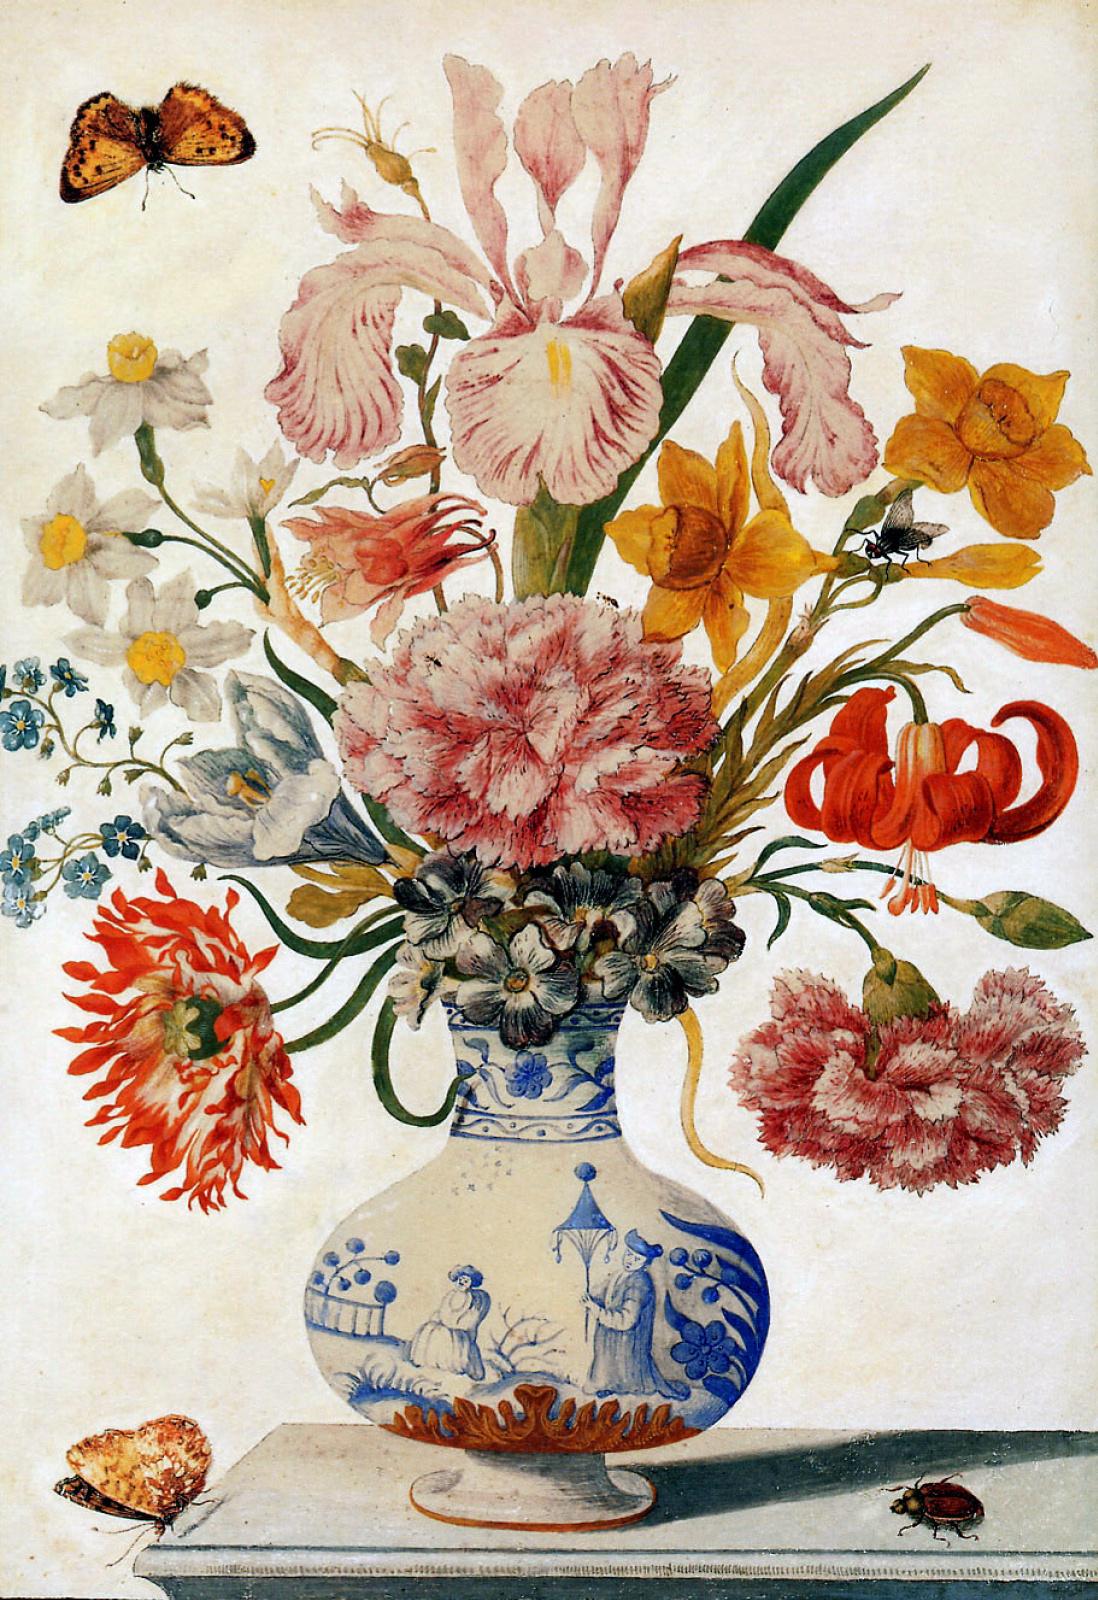 Мария Сибилла Мериан. Цветочный натюрморт в китайской вазе